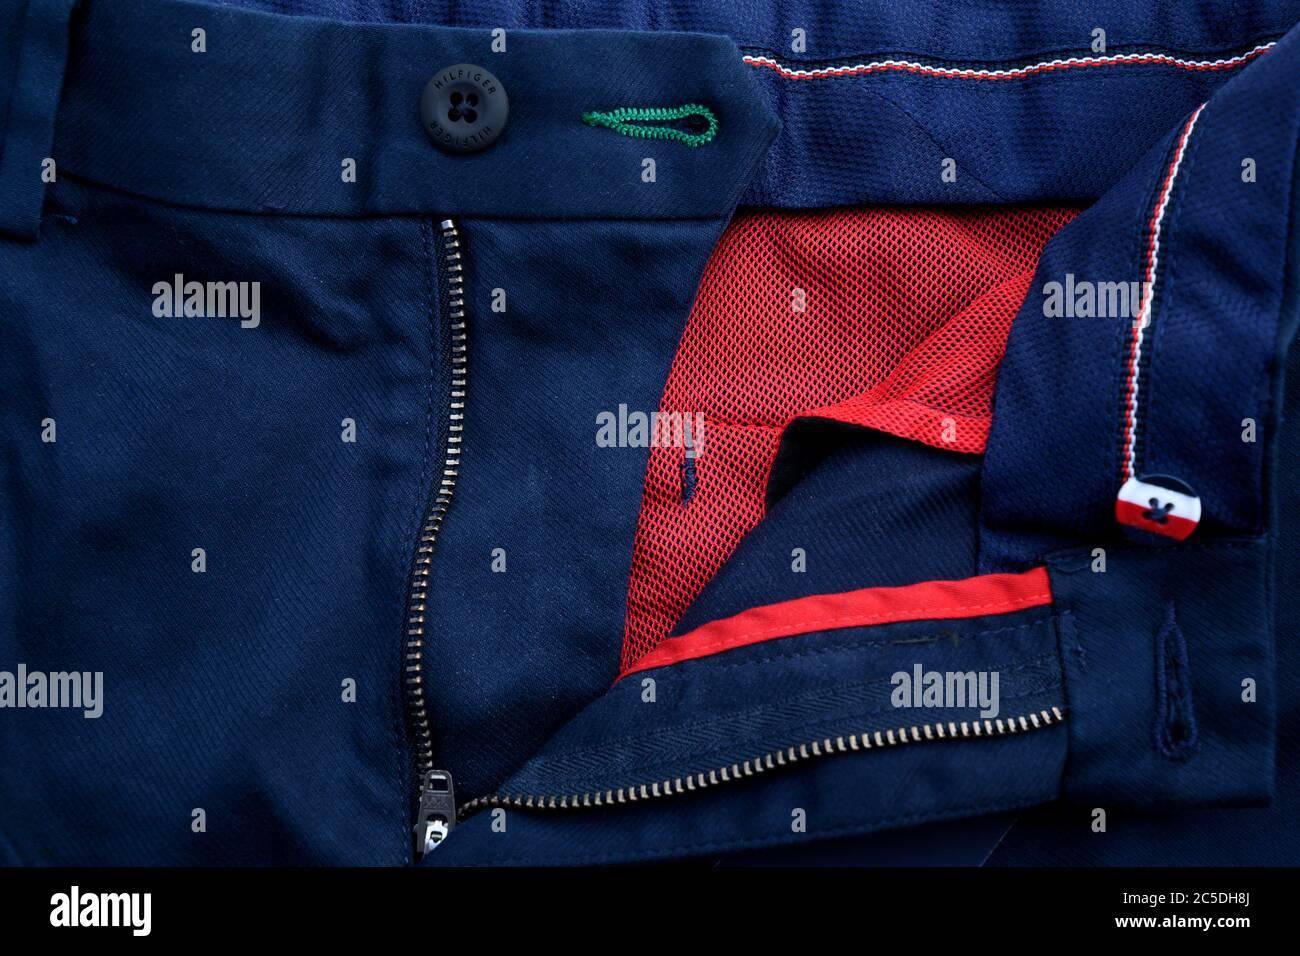 Tommy Hilfiger Pantalones De Hombre Fotografia De Stock Alamy